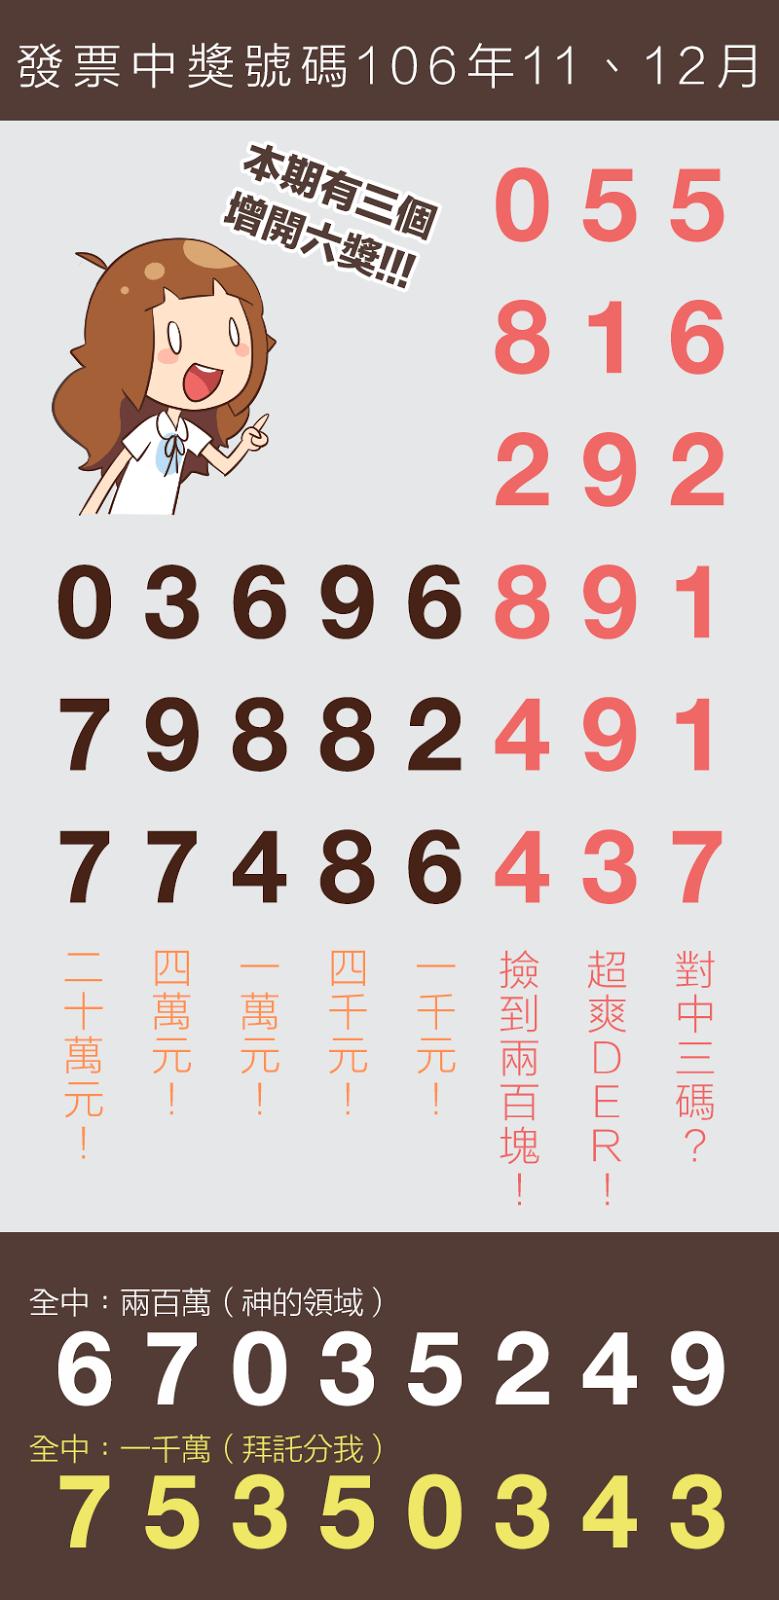 11、12月統一發票中獎號碼(106年)